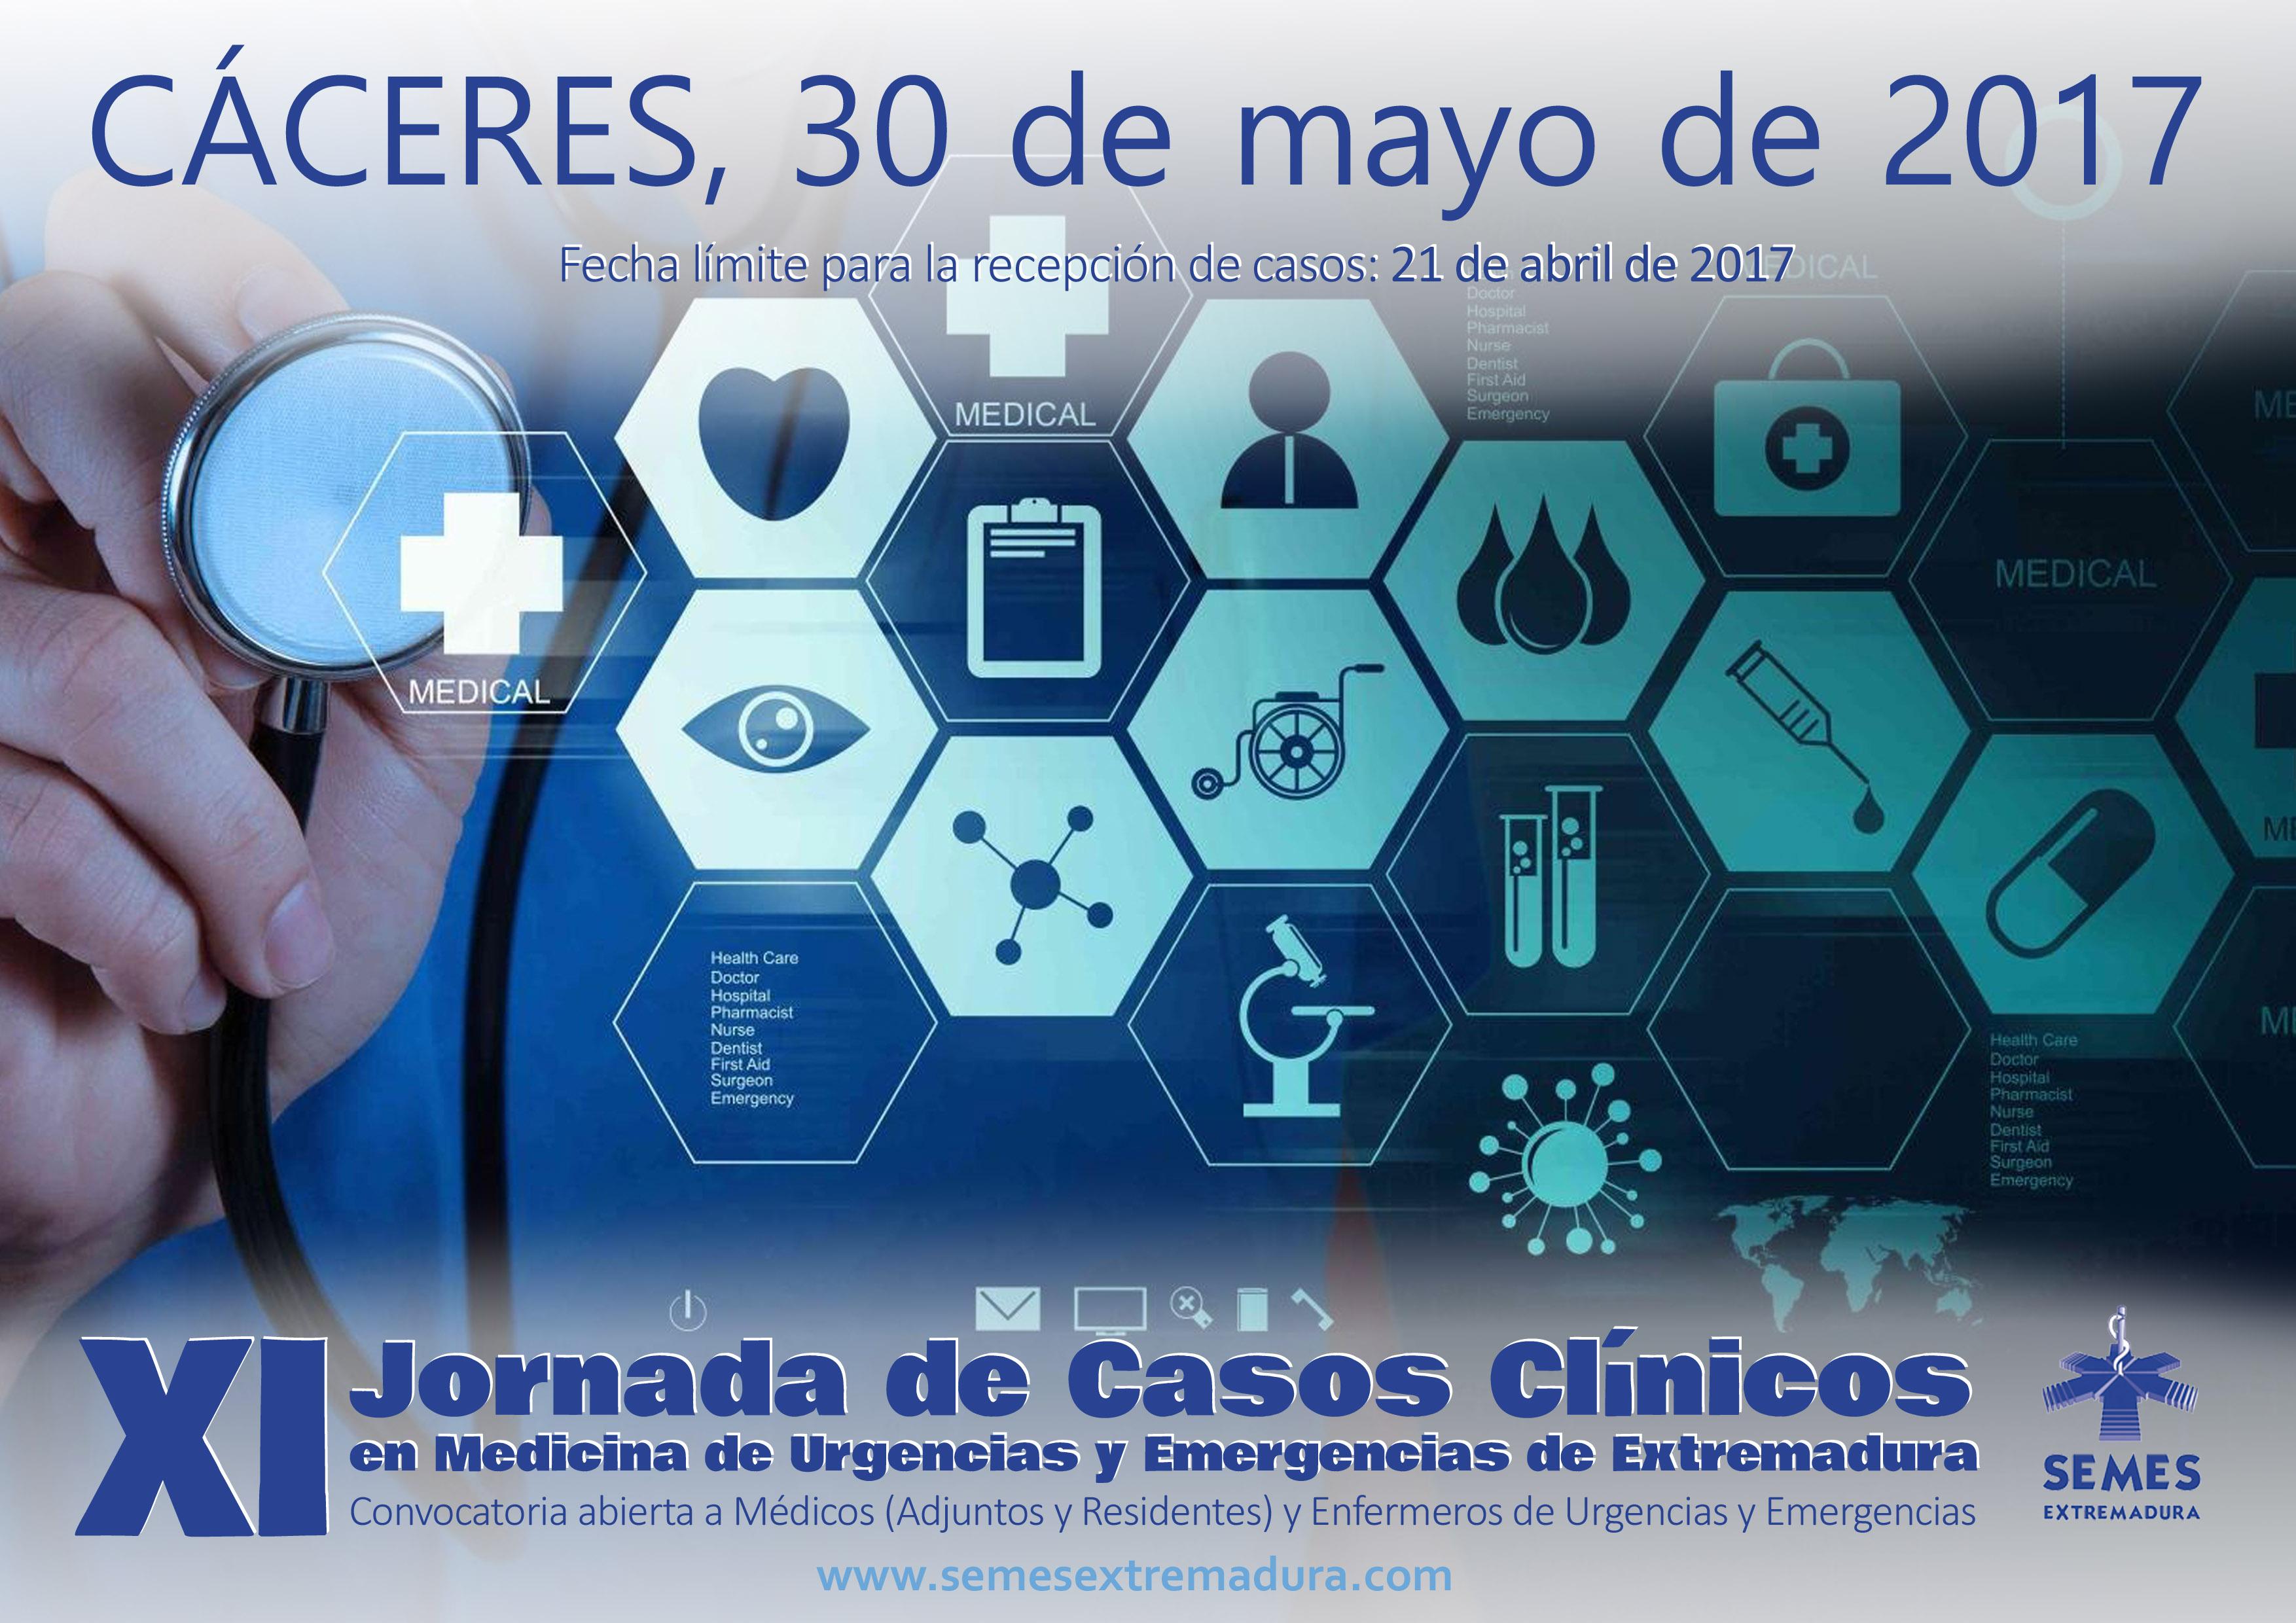 SEMES_Extremadura